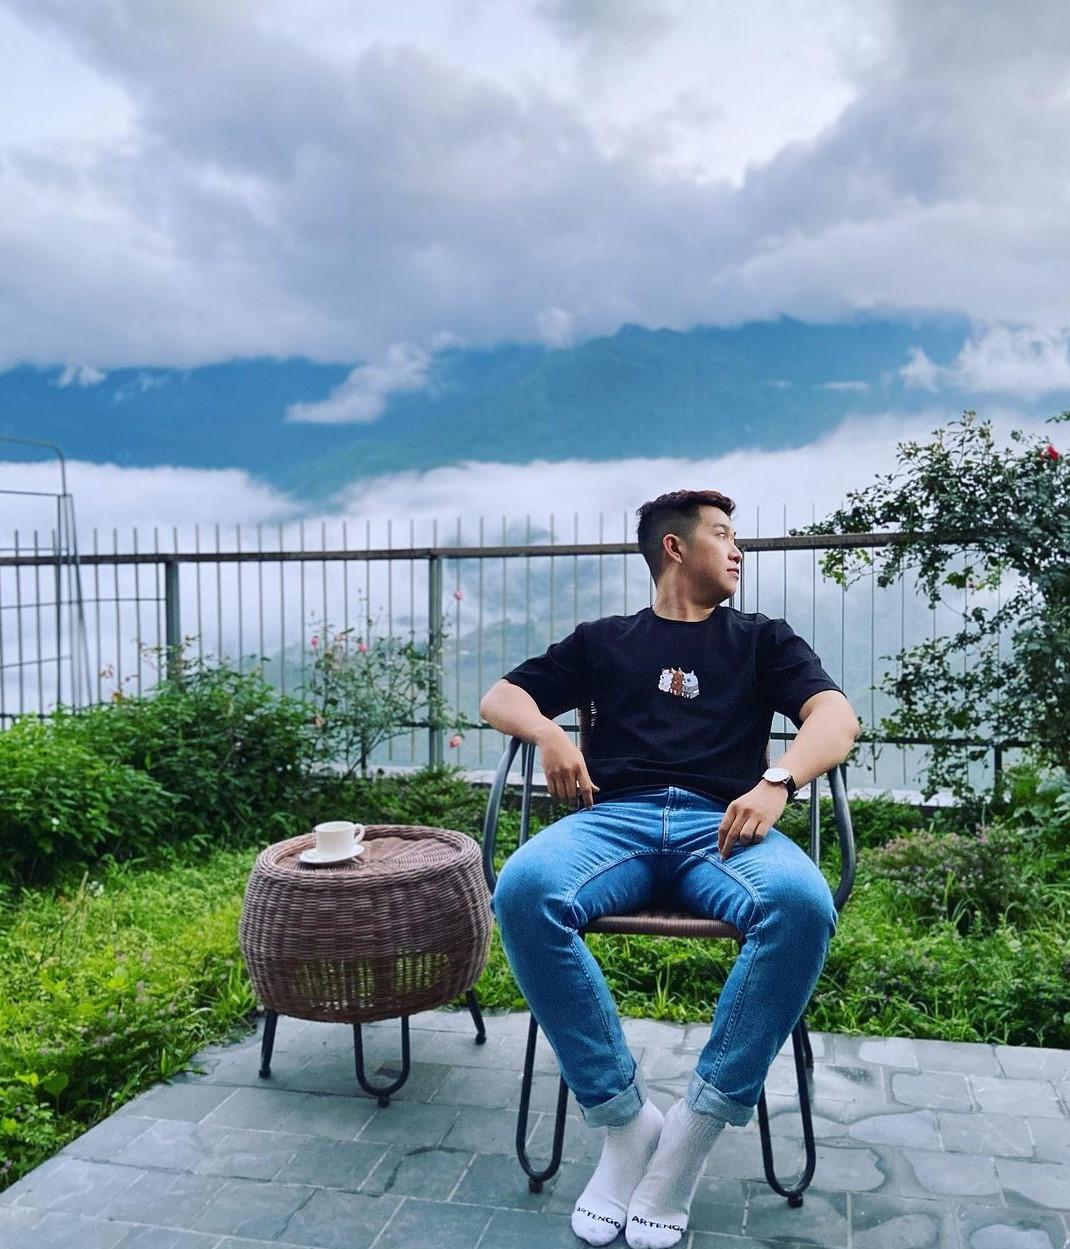 Du lịch Sapa nên ở khách sạn nào? - Pao's Sapa Leisure Hotel có khuôn viên xanh